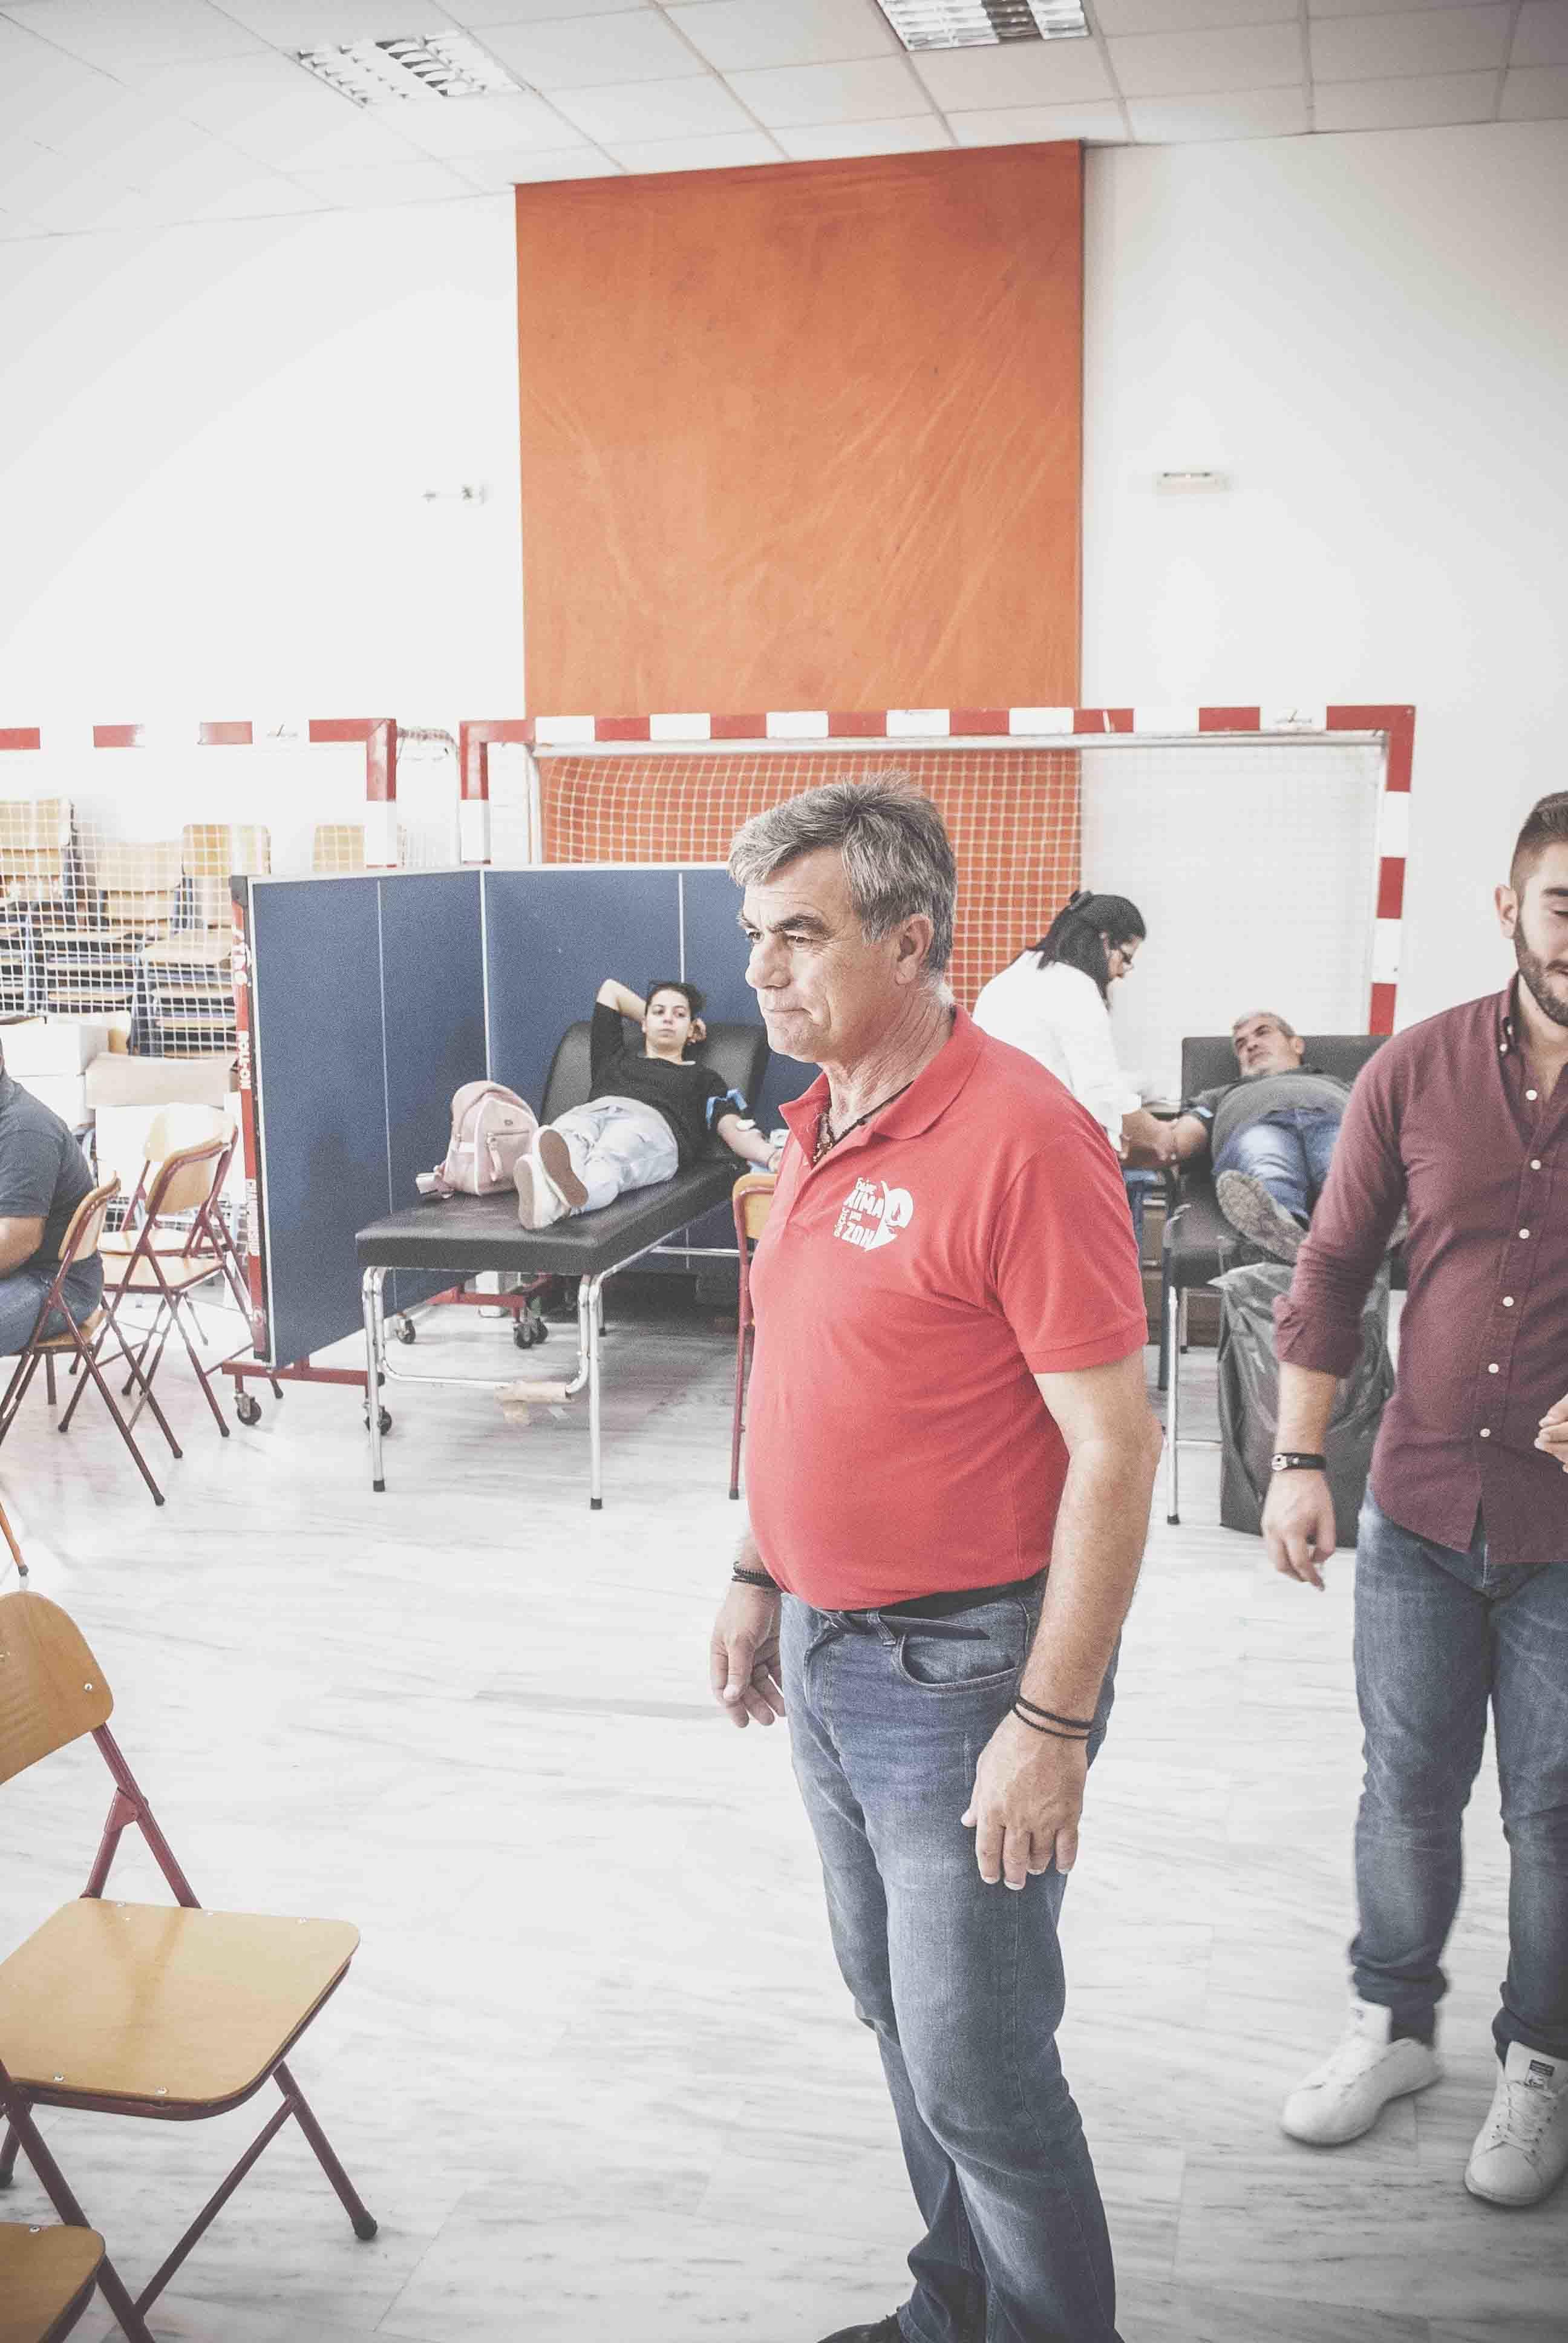 Πραγματοποιήθηκε η αιμοδοσία στον Δήμο Διρφύων Μεσσαπίων DSC 0165 e1571066157775